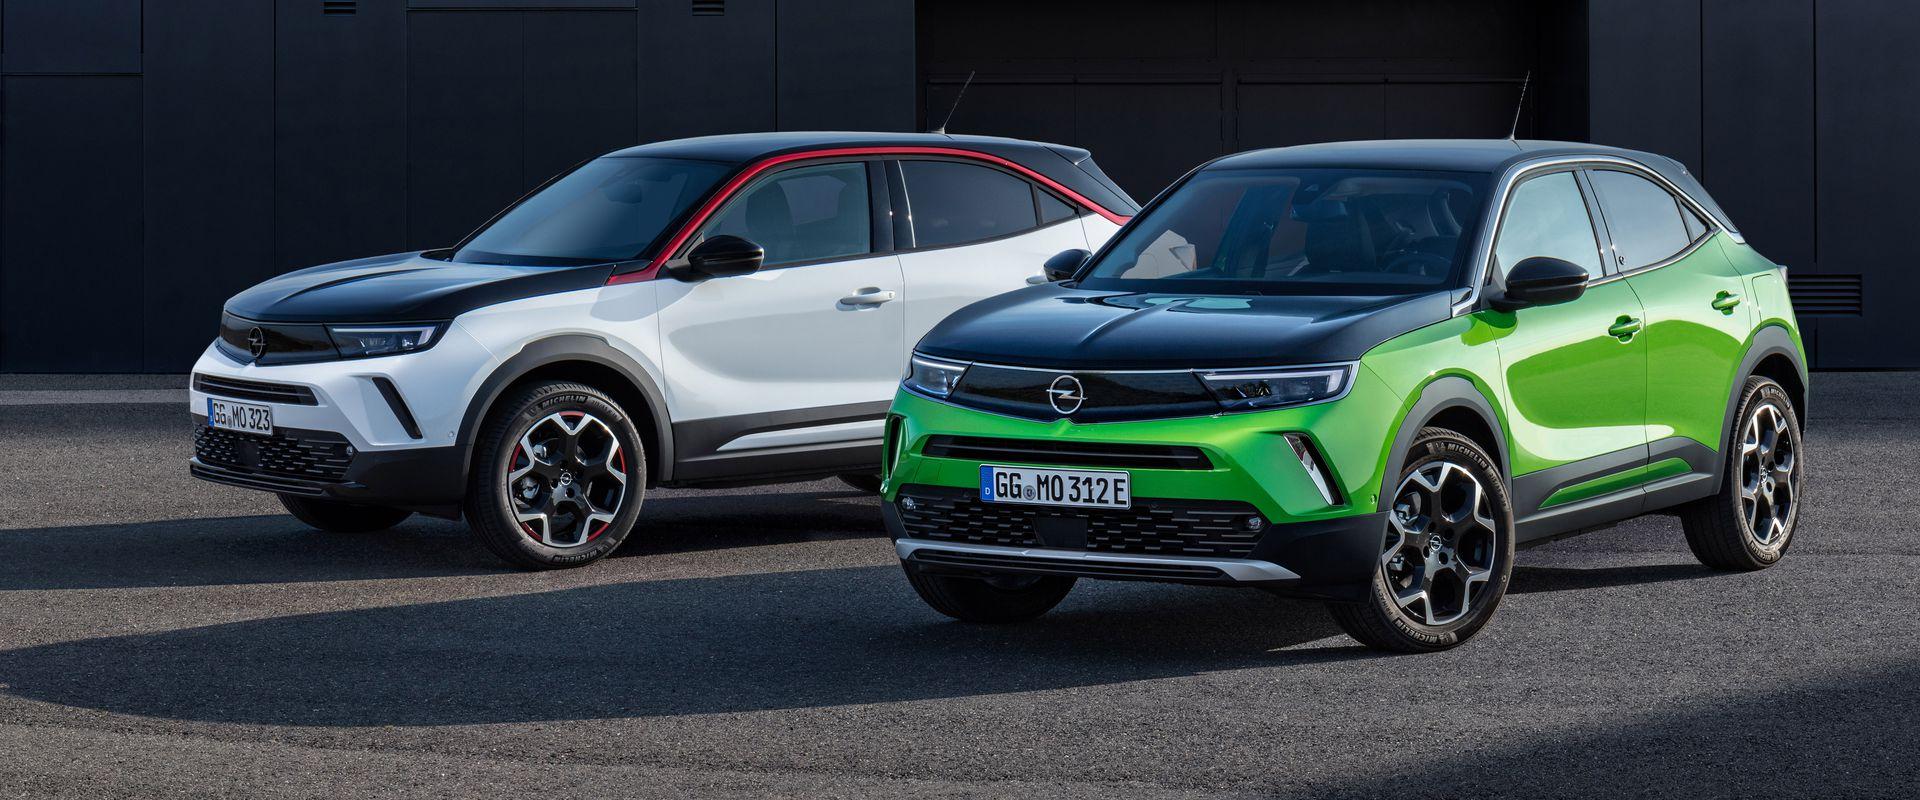 Testre szabott új Opel Mokka, Ultimate és GS Line csúcsfelszereléssel